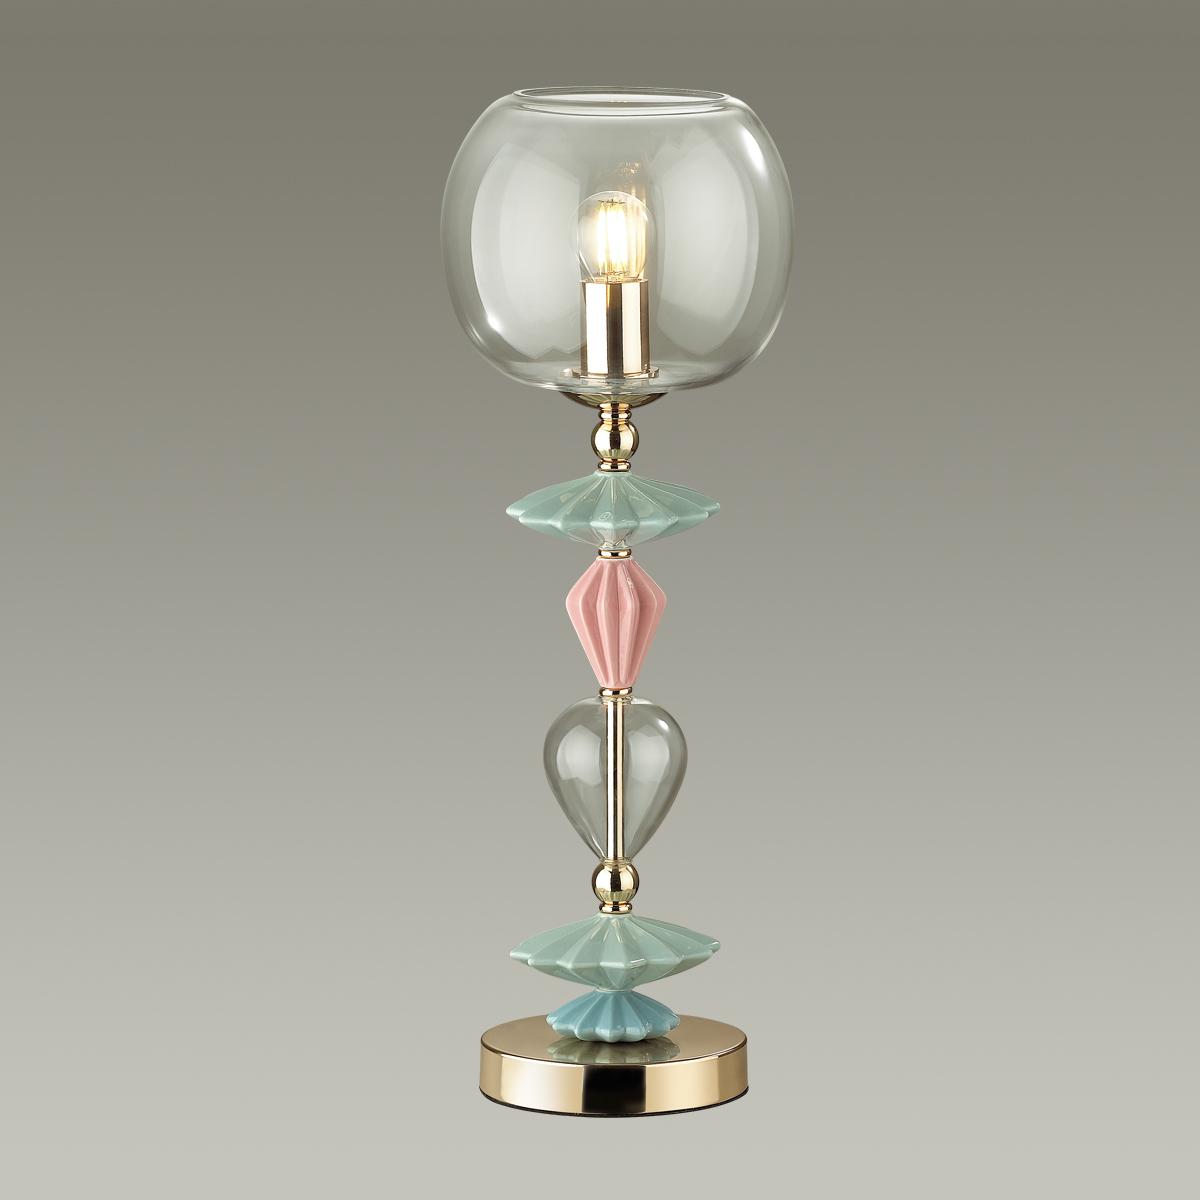 Настольная лампа Odeon Light Classic Bizet 4855/1T, 1xE14x40W, разноцветный, прозрачный, керамика, стекло - фото 3